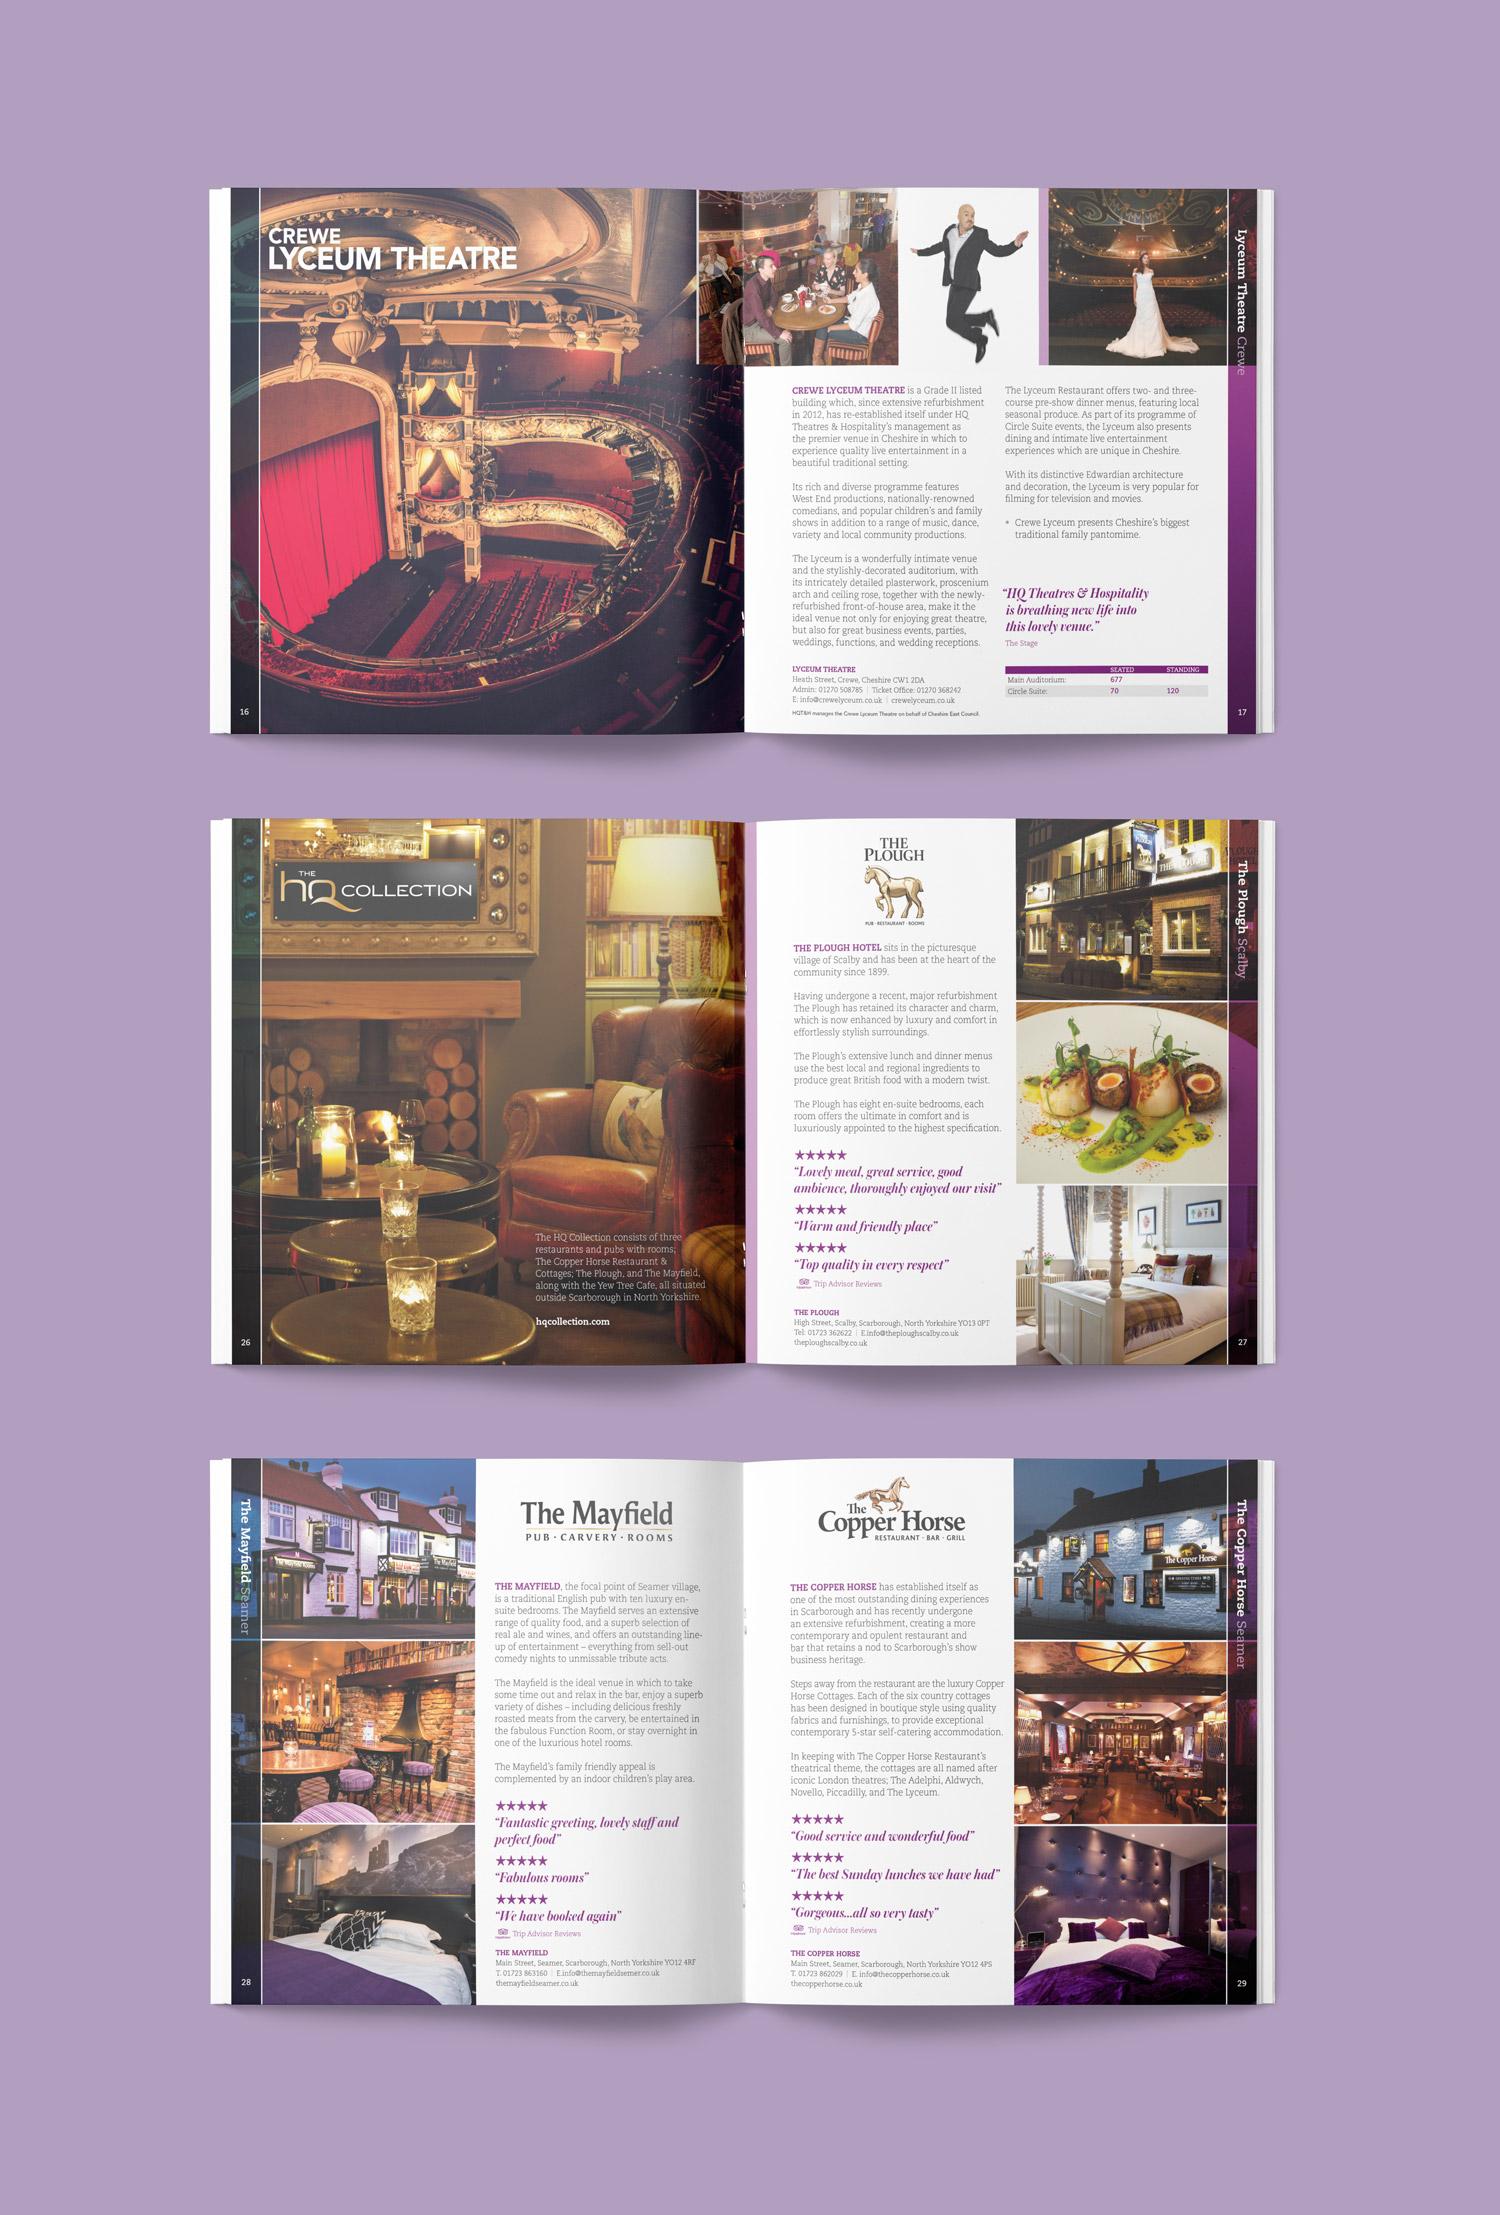 Hqt Theatre Promo Brochure Adverset